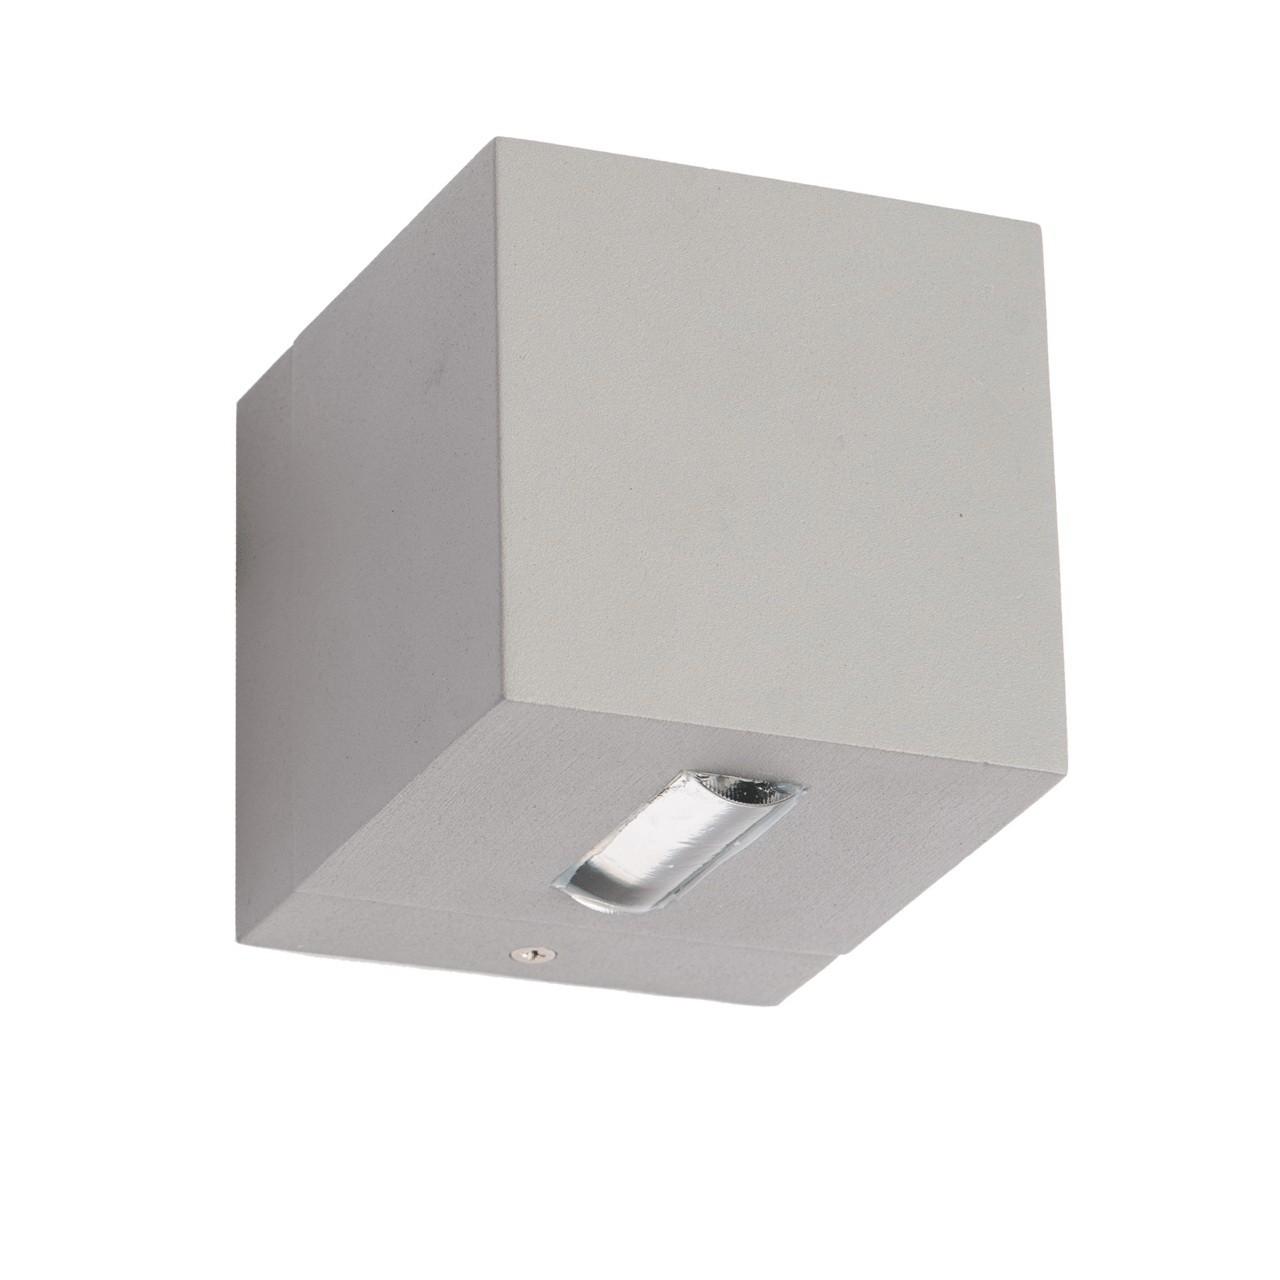 Уличный светильник МеркурийУличные настенные светильники<br>&amp;lt;div&amp;gt;Металлическое основание, акрил.&amp;lt;/div&amp;gt;&amp;lt;div&amp;gt;&amp;lt;br&amp;gt;&amp;lt;/div&amp;gt;&amp;lt;div&amp;gt;Мощность1*40W&amp;lt;/div&amp;gt;&amp;lt;div&amp;gt;Цоколь G9&amp;lt;/div&amp;gt;&amp;lt;div&amp;gt;&amp;lt;span style=&amp;quot;line-height: 1.78571;&amp;quot;&amp;gt;Степень защиты светильников от пыли и влаги&amp;lt;/span&amp;gt;&amp;lt;span style=&amp;quot;line-height: 1.78571;&amp;quot;&amp;gt;&amp;amp;nbsp;IP44&amp;lt;/span&amp;gt;&amp;lt;/div&amp;gt;<br><br>Material: Сталь<br>Length см: 9<br>Width см: 9<br>Height см: 11